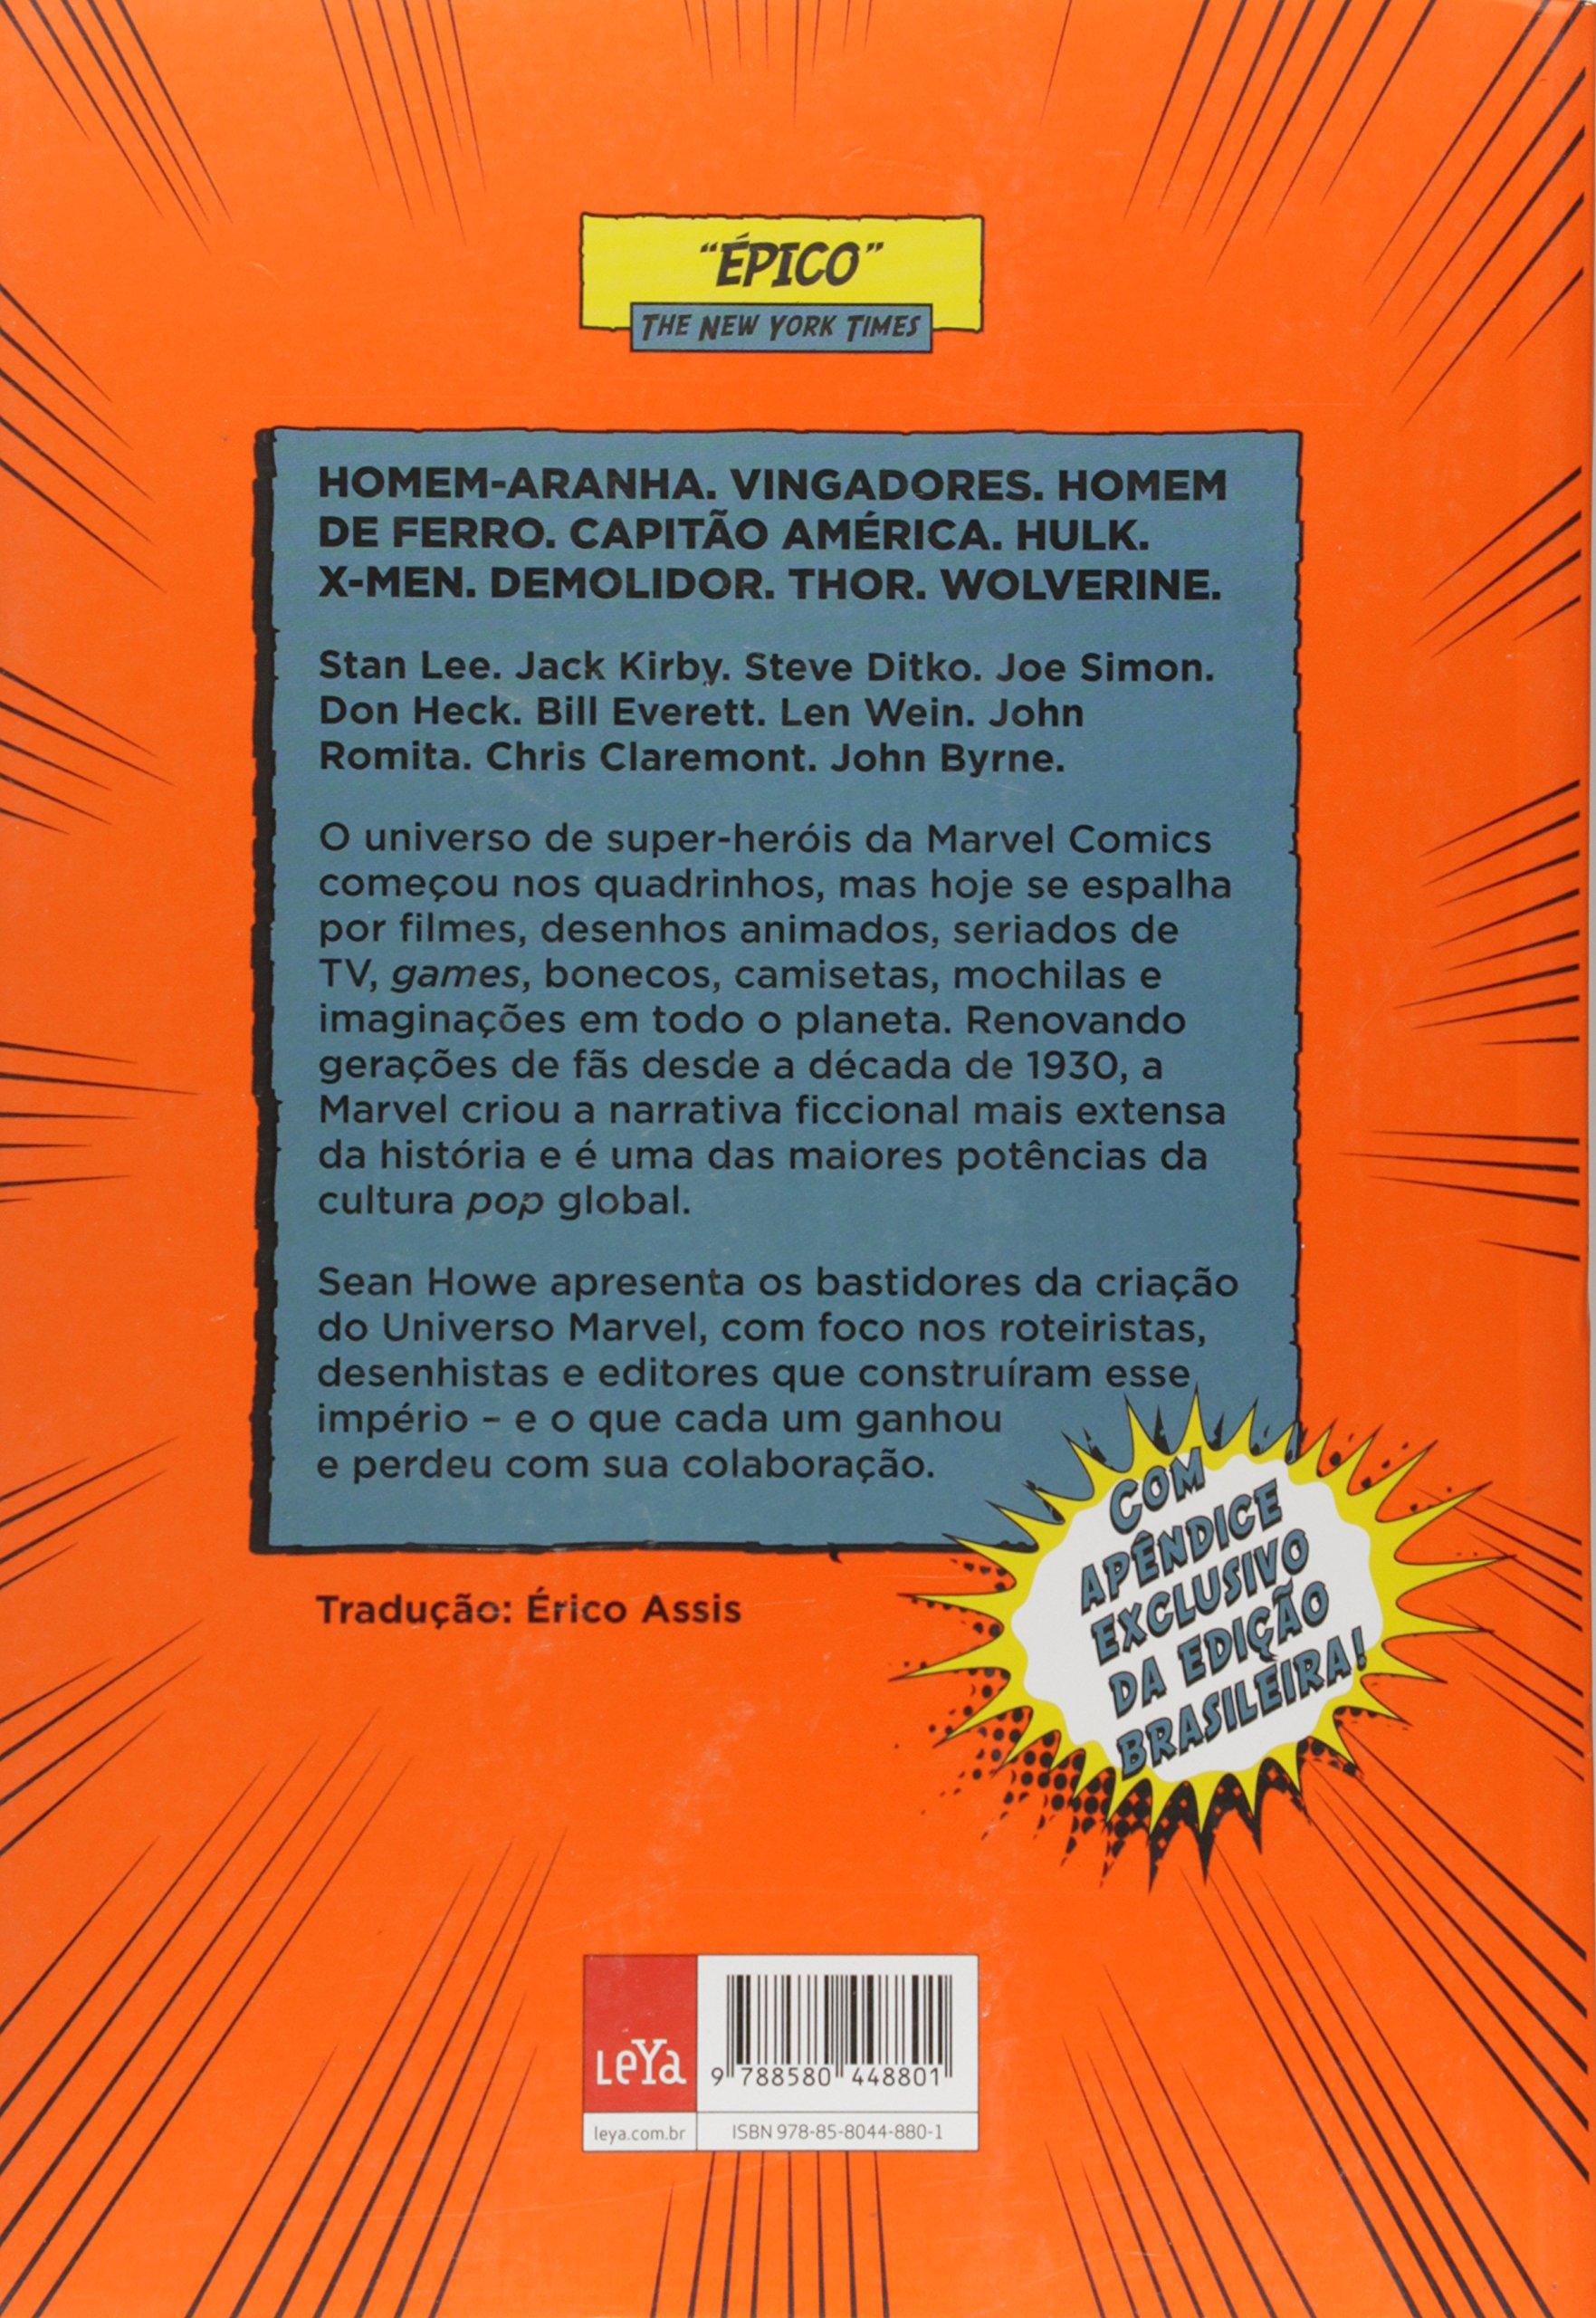 Marvel Comics: A Historia Secreta (Em Portugues do Brasil): Sean Howe, Erico Assis: 9788580448801: Amazon.com: Books